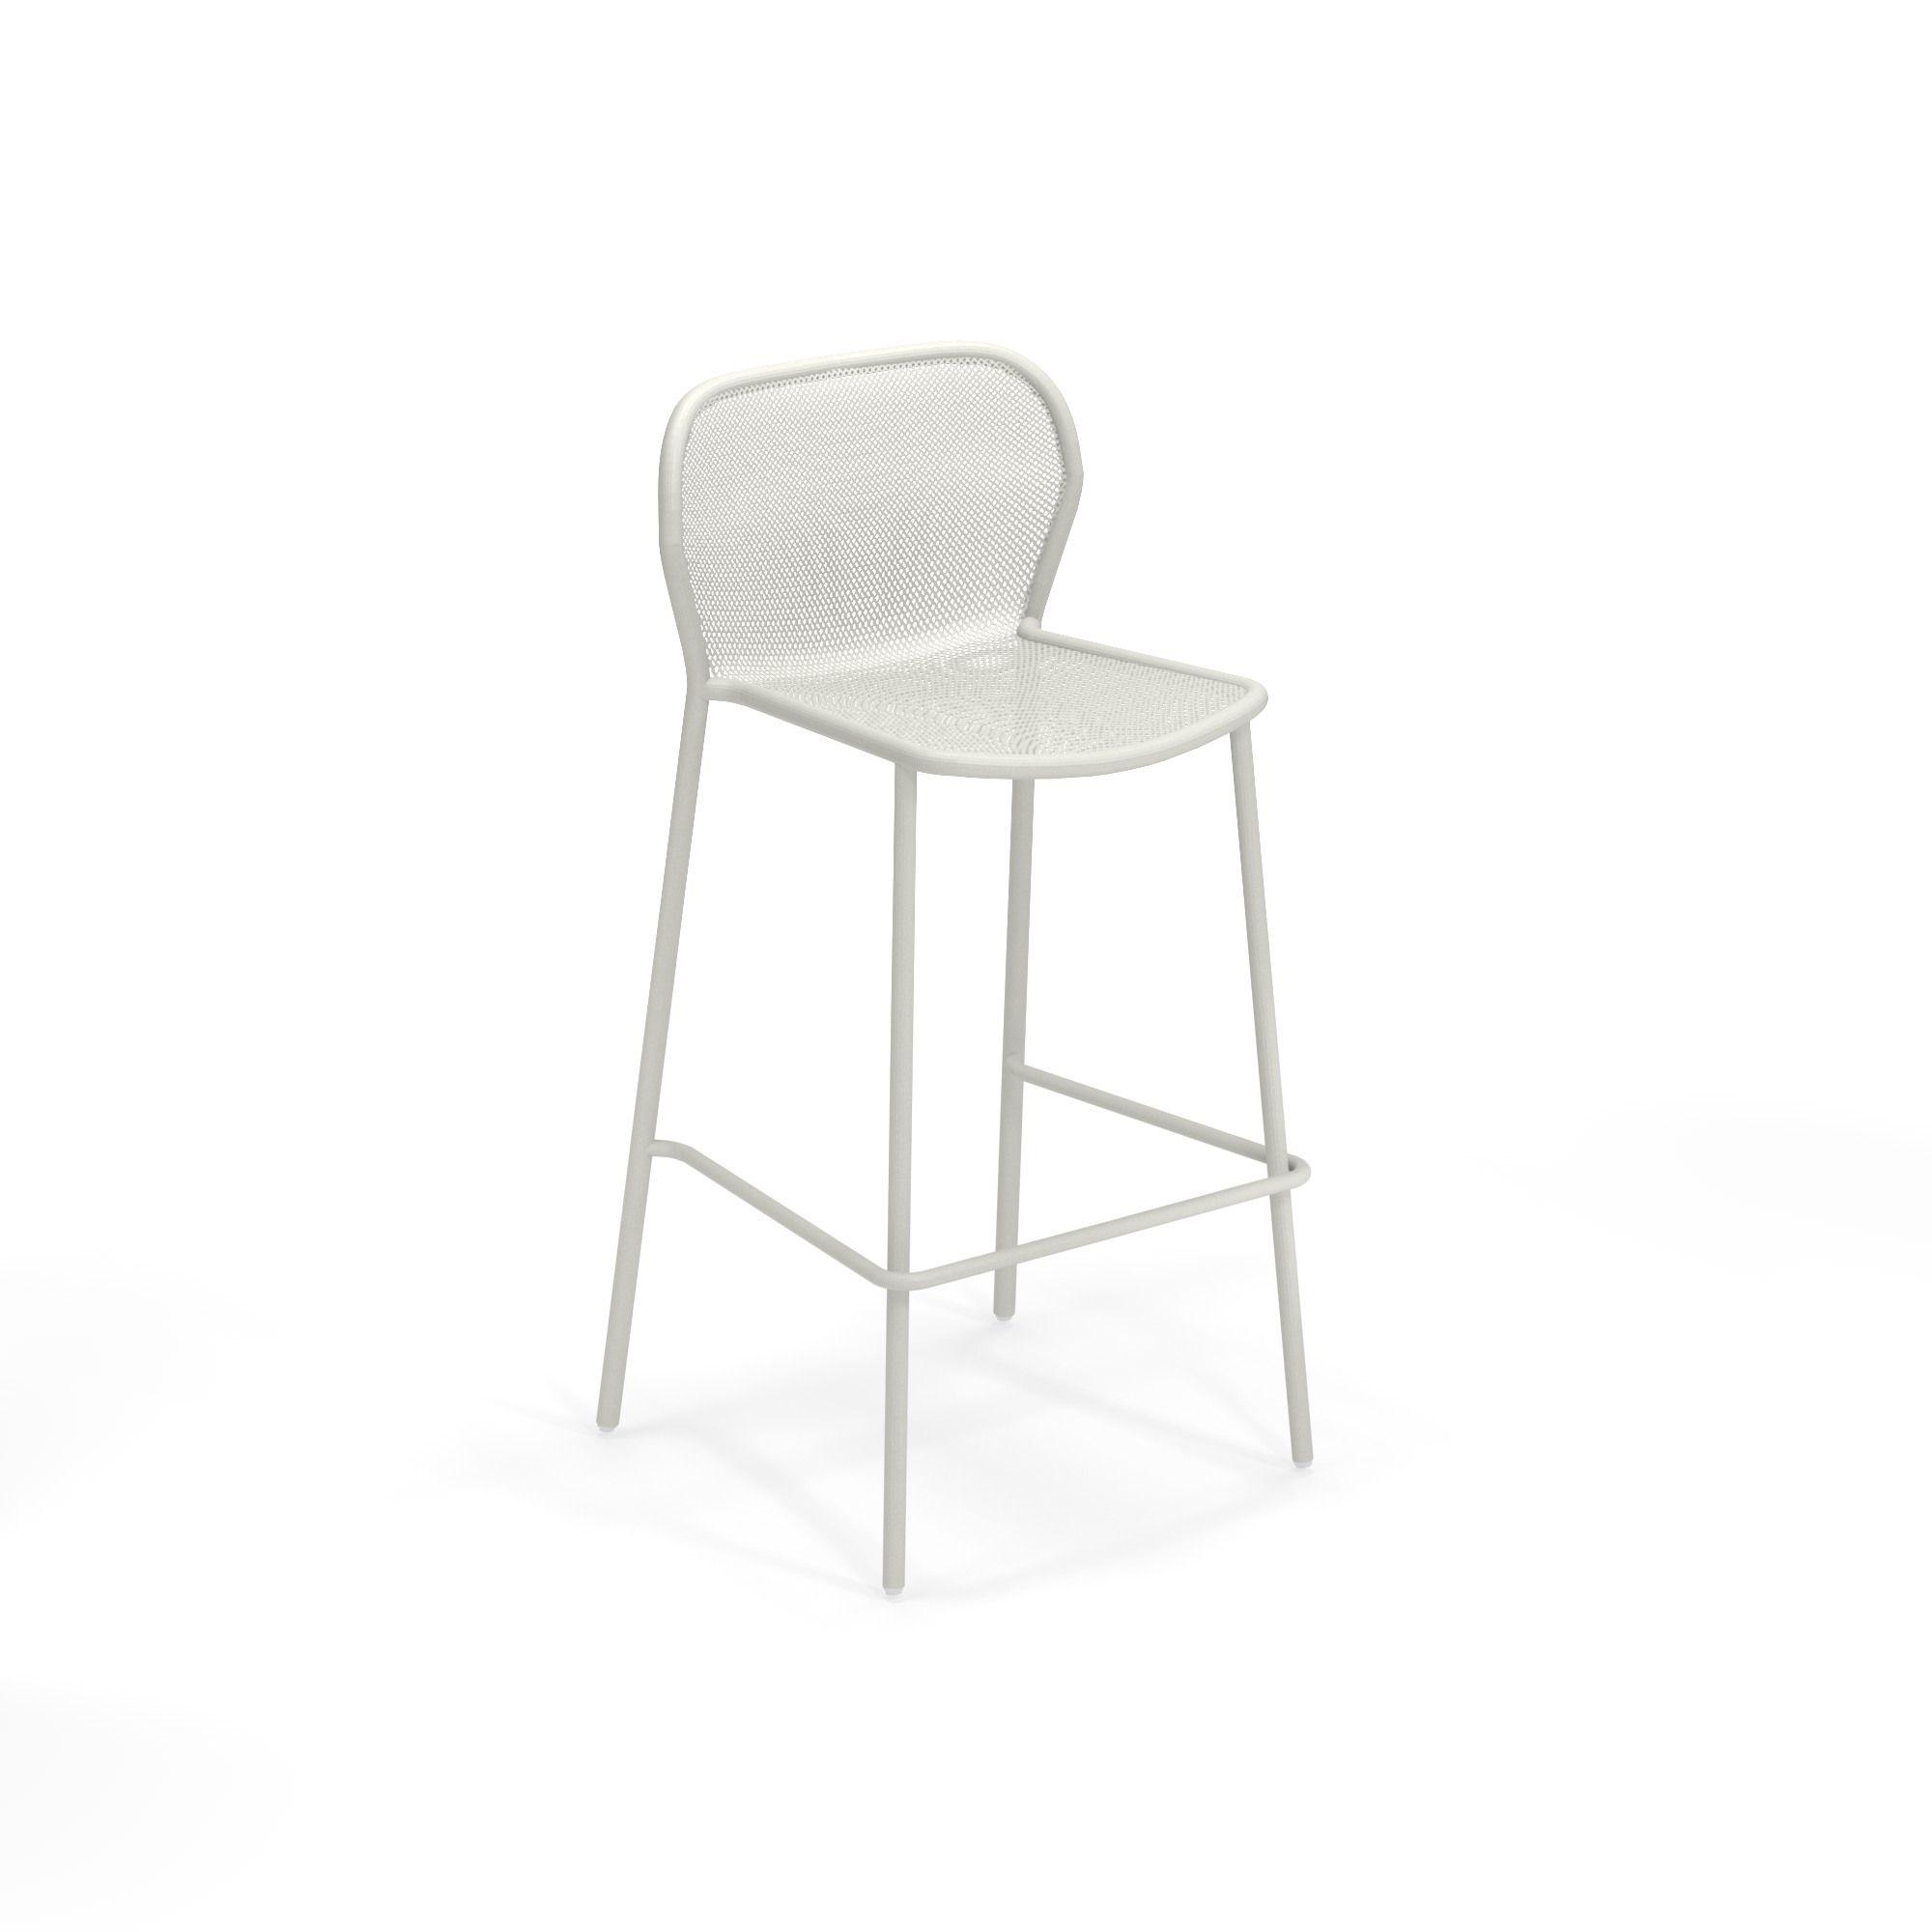 emuamericas, llc 523-23 bar stool, stacking, outdoor